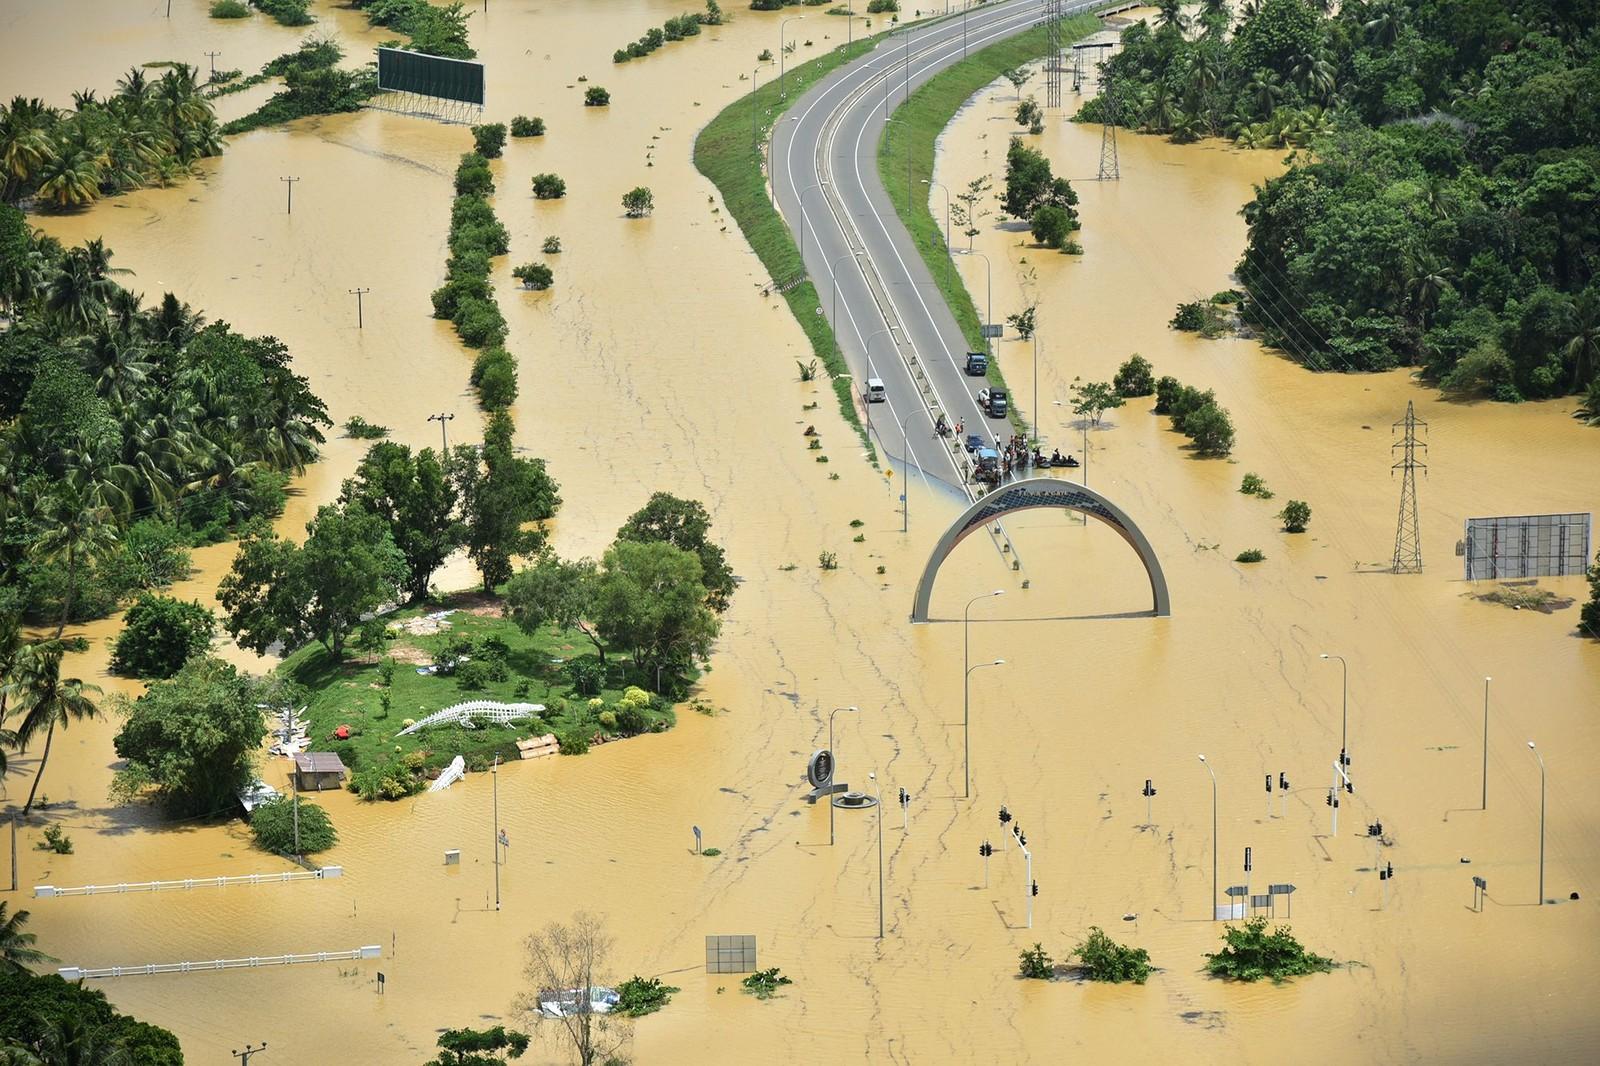 Ekstreme mengder monsunregn har ført til flom på Sri Lanka. Minst 91 mennesker skal ha mista livet og 110 er savna som følge av flommen og jordskred, ifølge myndighetene.